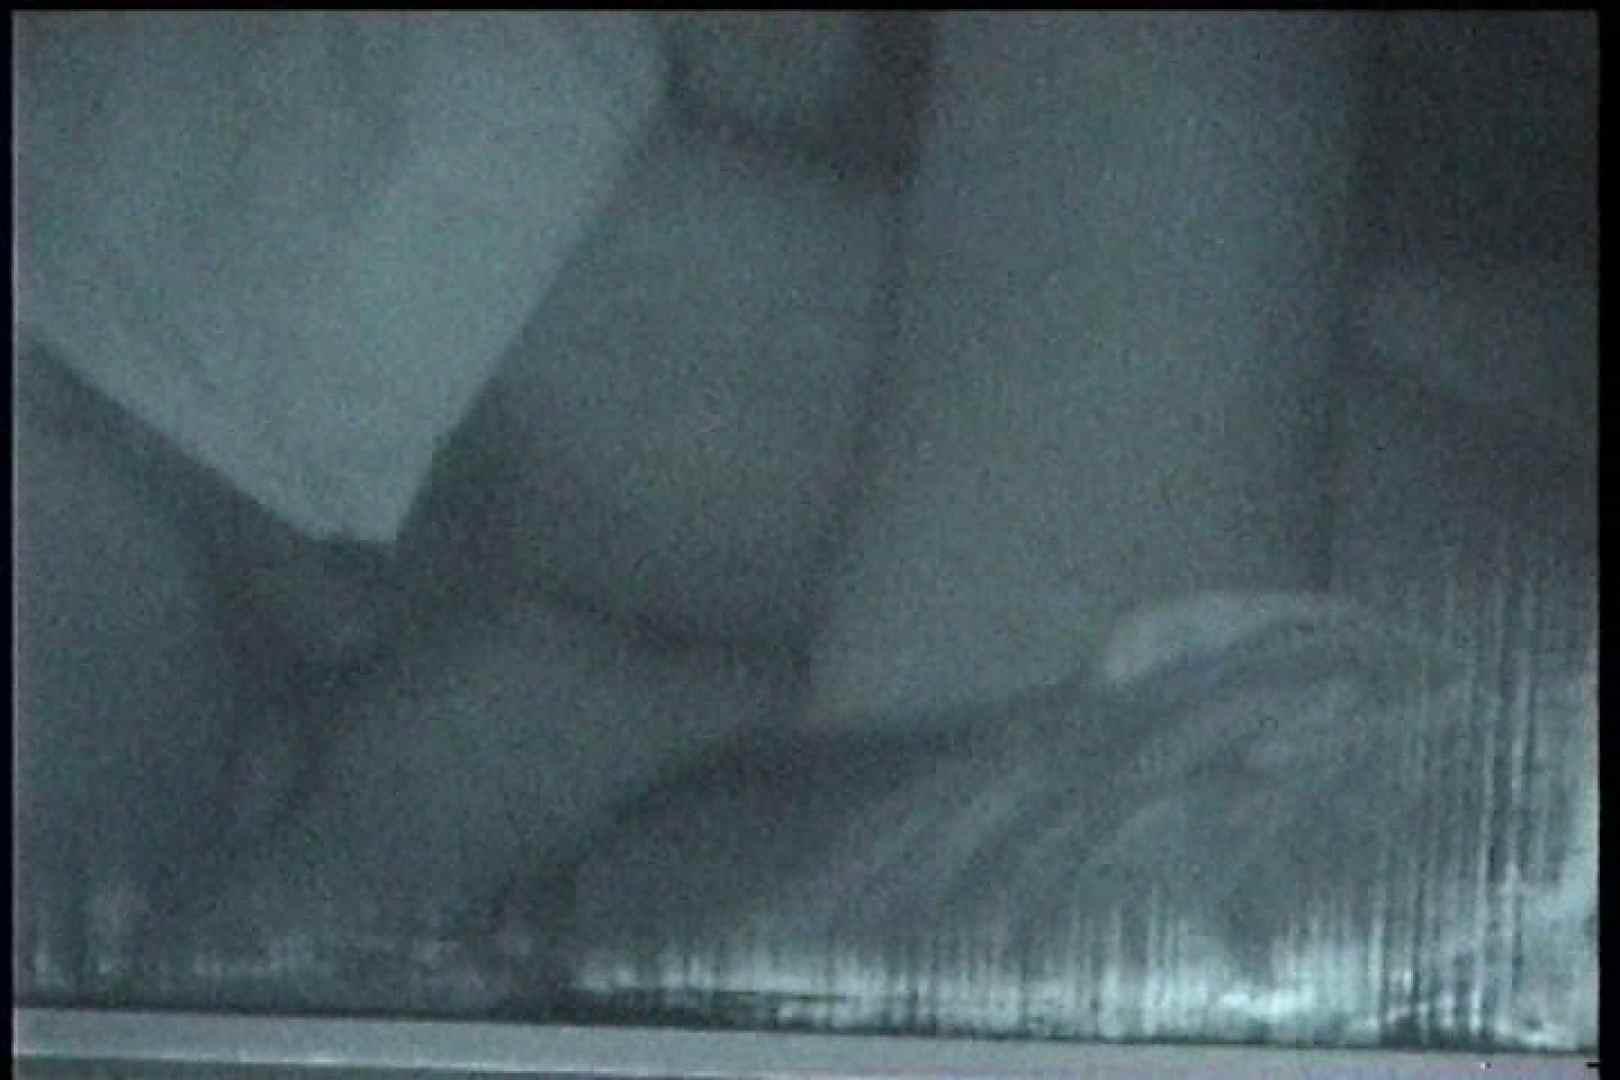 充血監督の深夜の運動会Vol.200 エロティックなOL | エッチなセックス  75画像 63